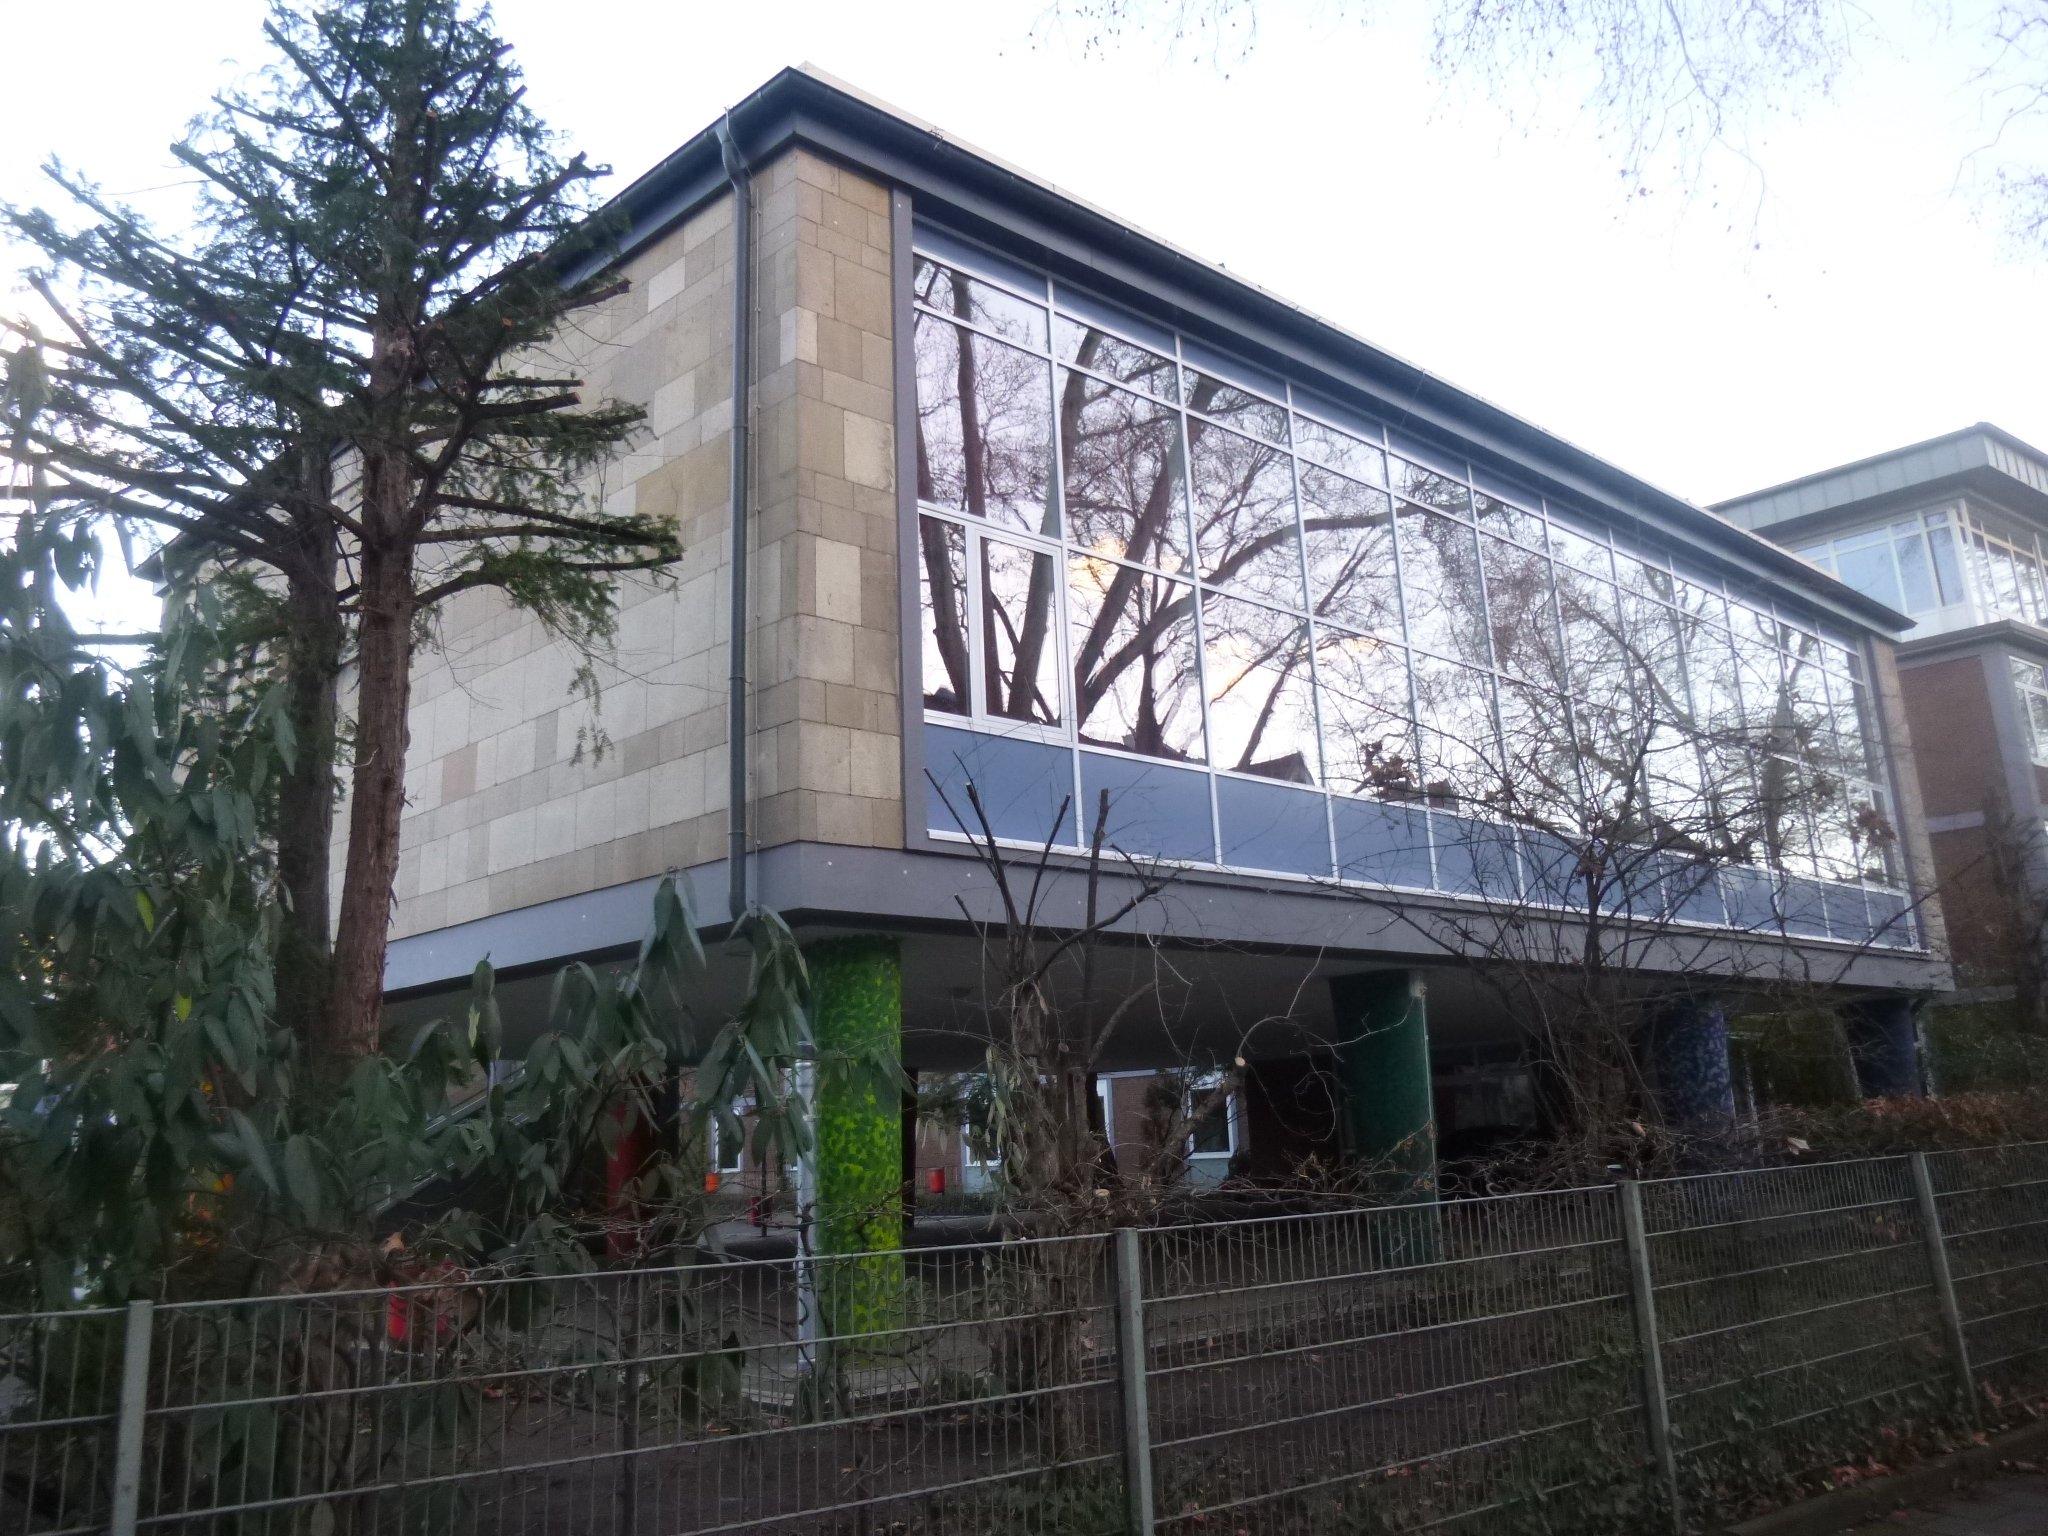 Aula - Werner-von-Siemens-Realschule